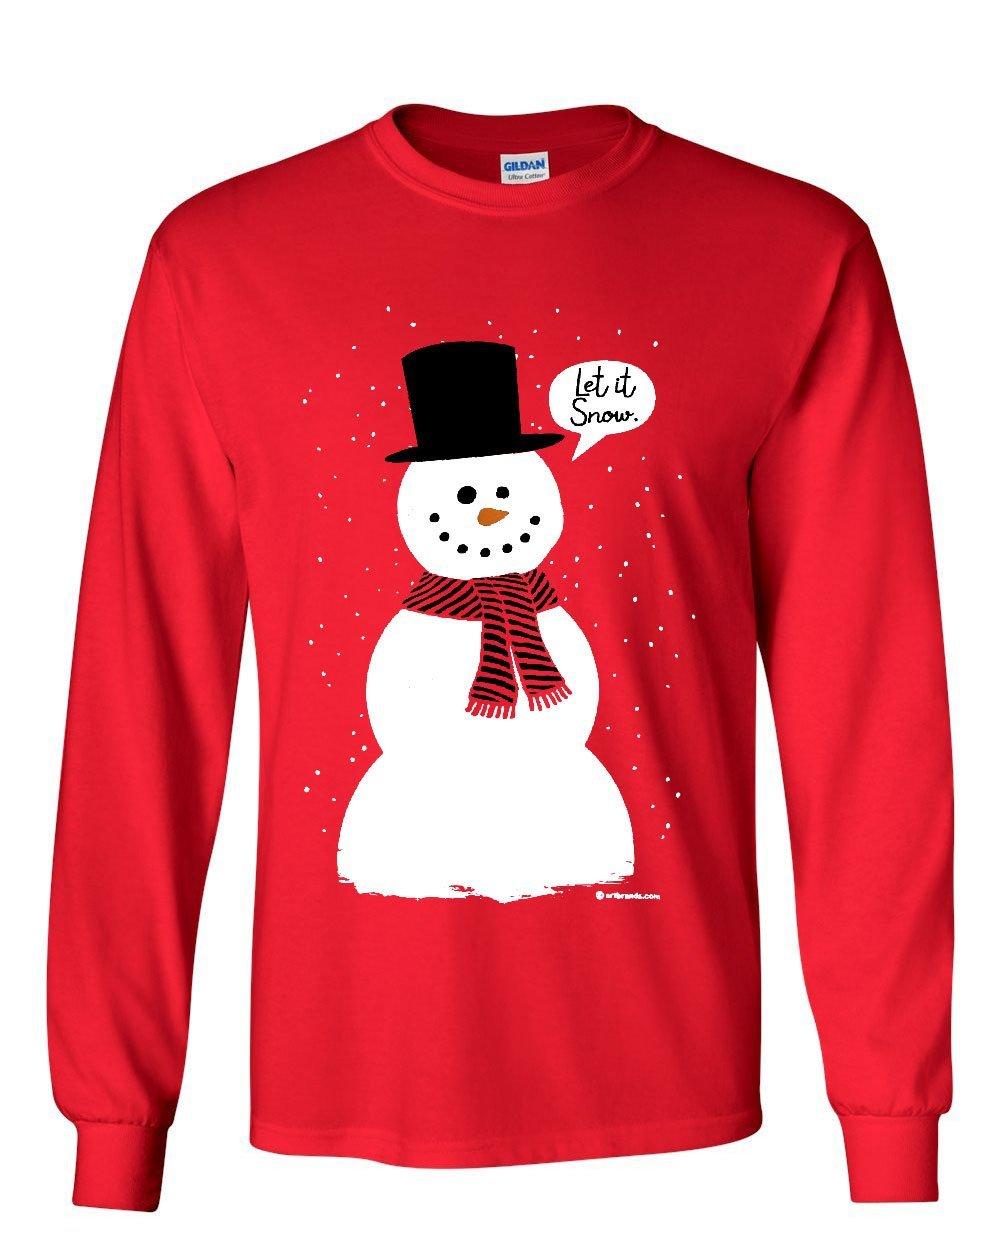 Let It Snow Tshirt Funny Snowman Christmas Xmas Tee